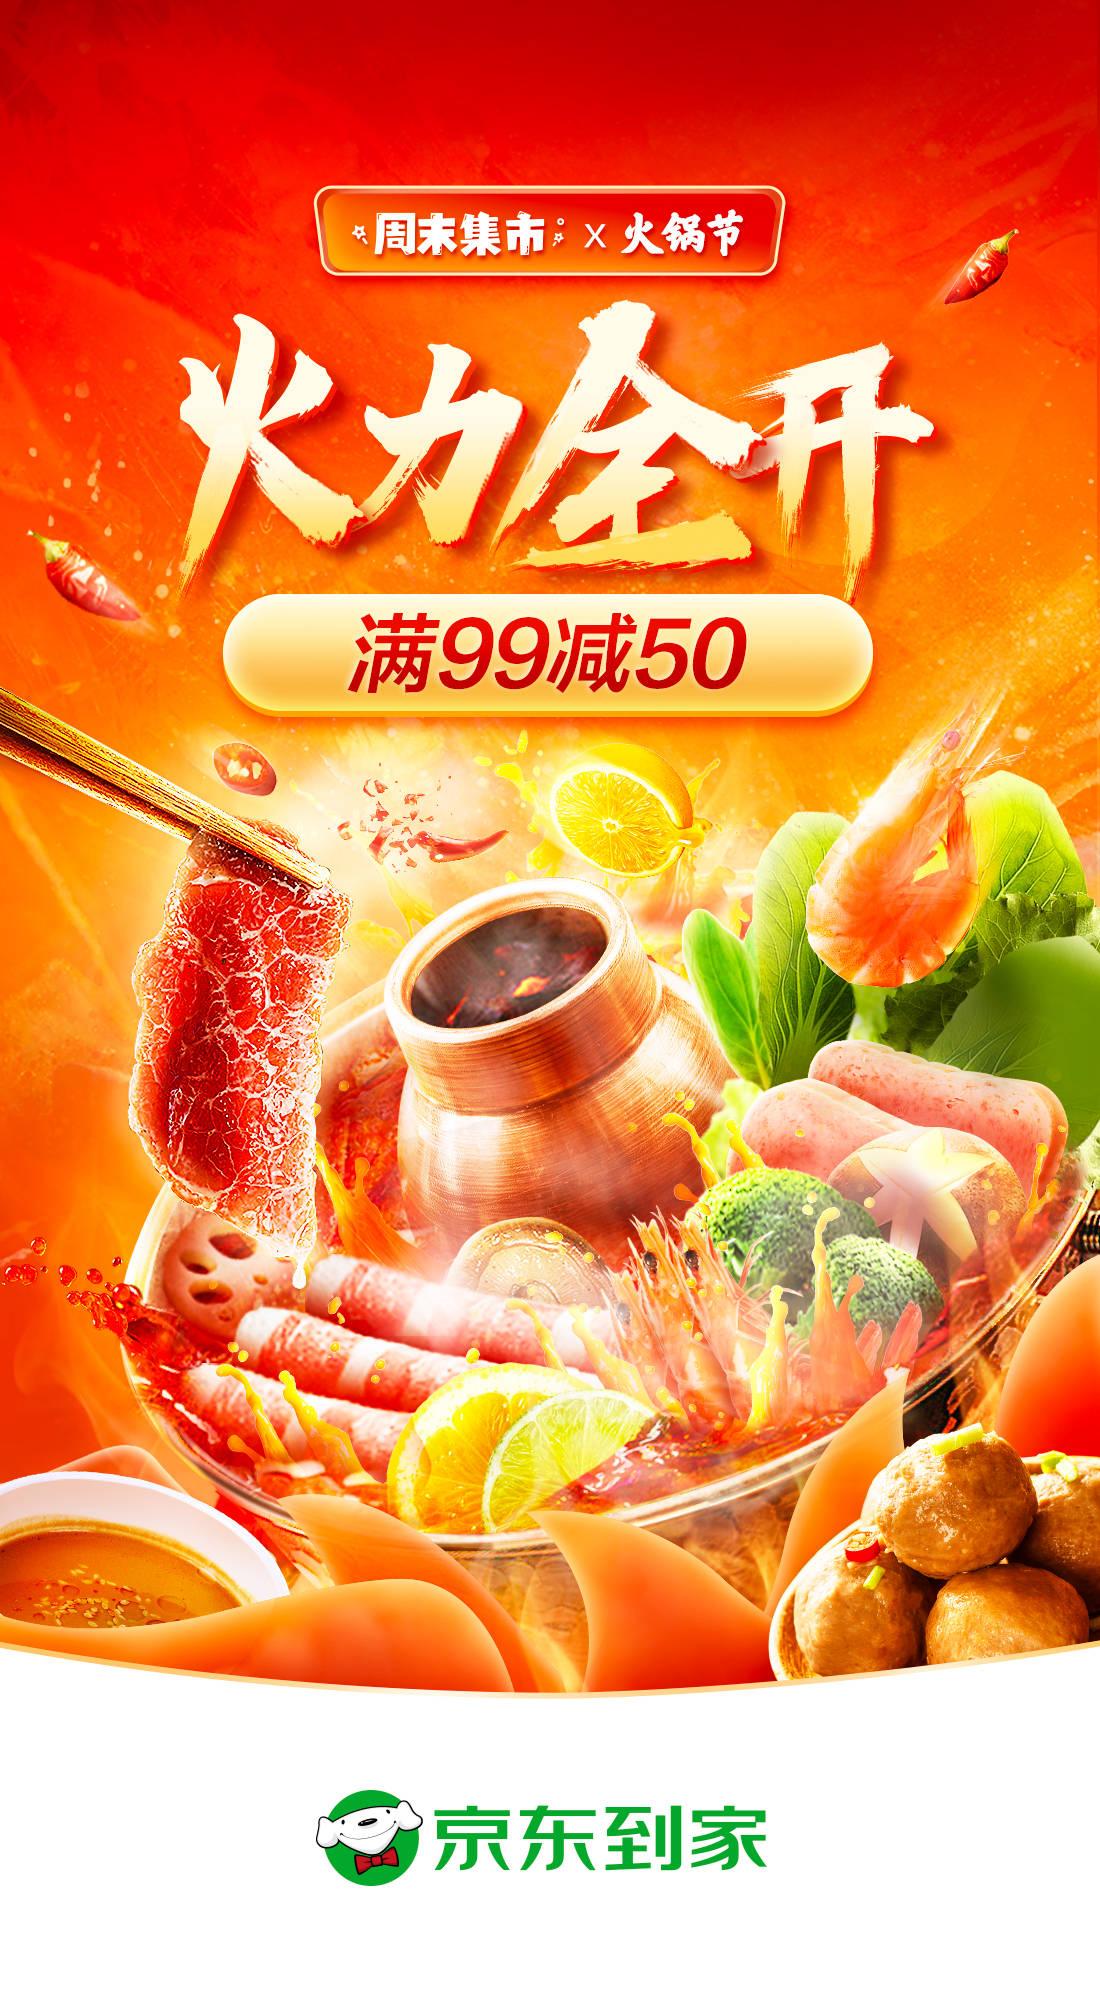 """京东到家火锅节来袭,这个周末一起快意""""火锅江湖""""!"""